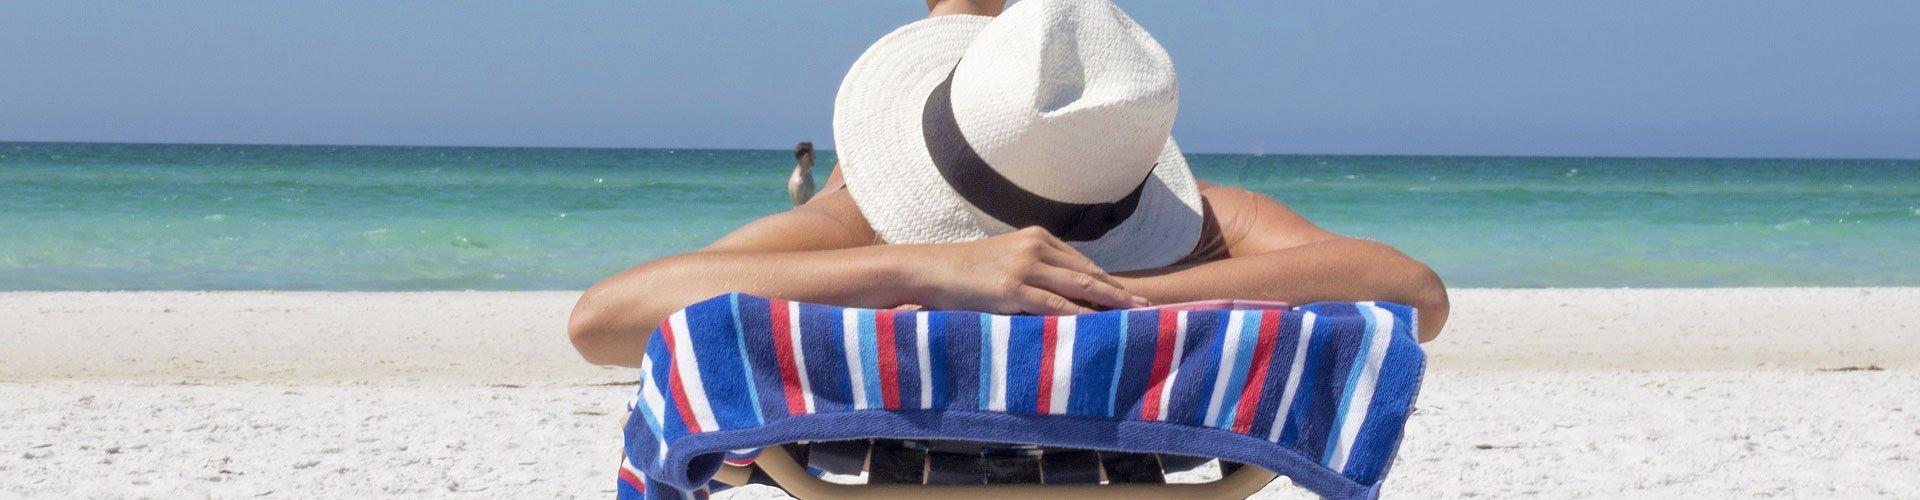 10 saveta kako da putujete sami na odmor - Blog - AquaTravel.rs